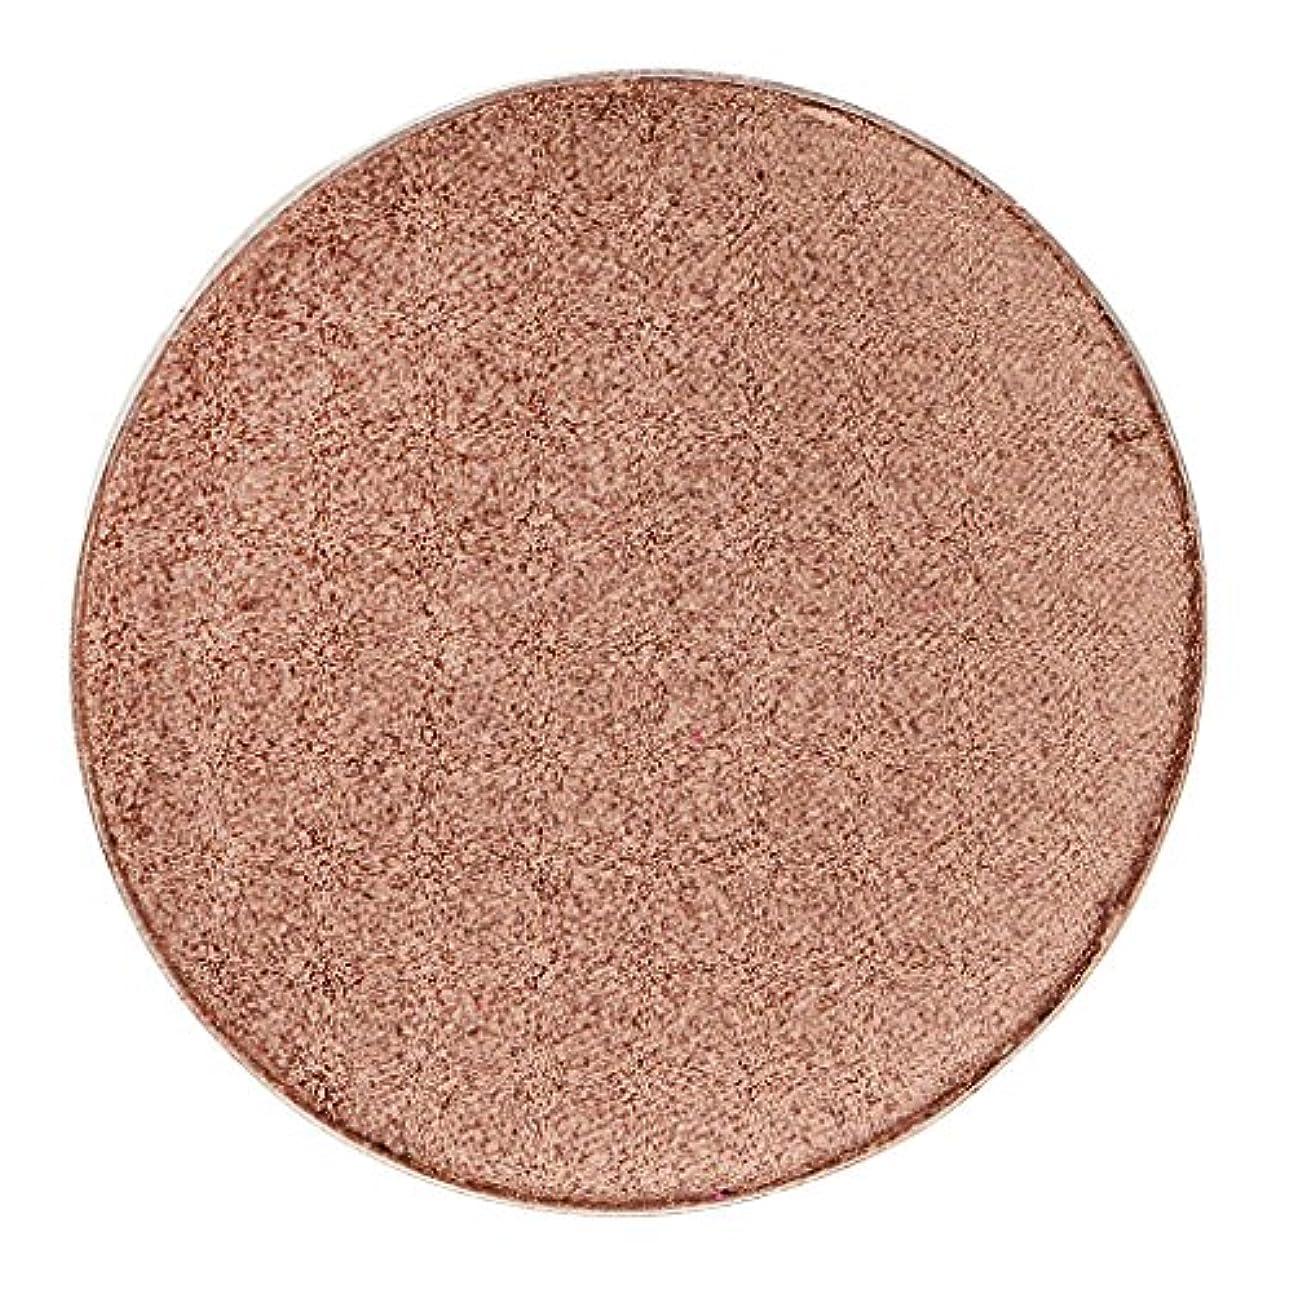 行商オーラル動揺させるT TOOYFUL 美容キラキラアイシャドウパレット化粧品アイシャドウメイク5色 - #39ブラウン